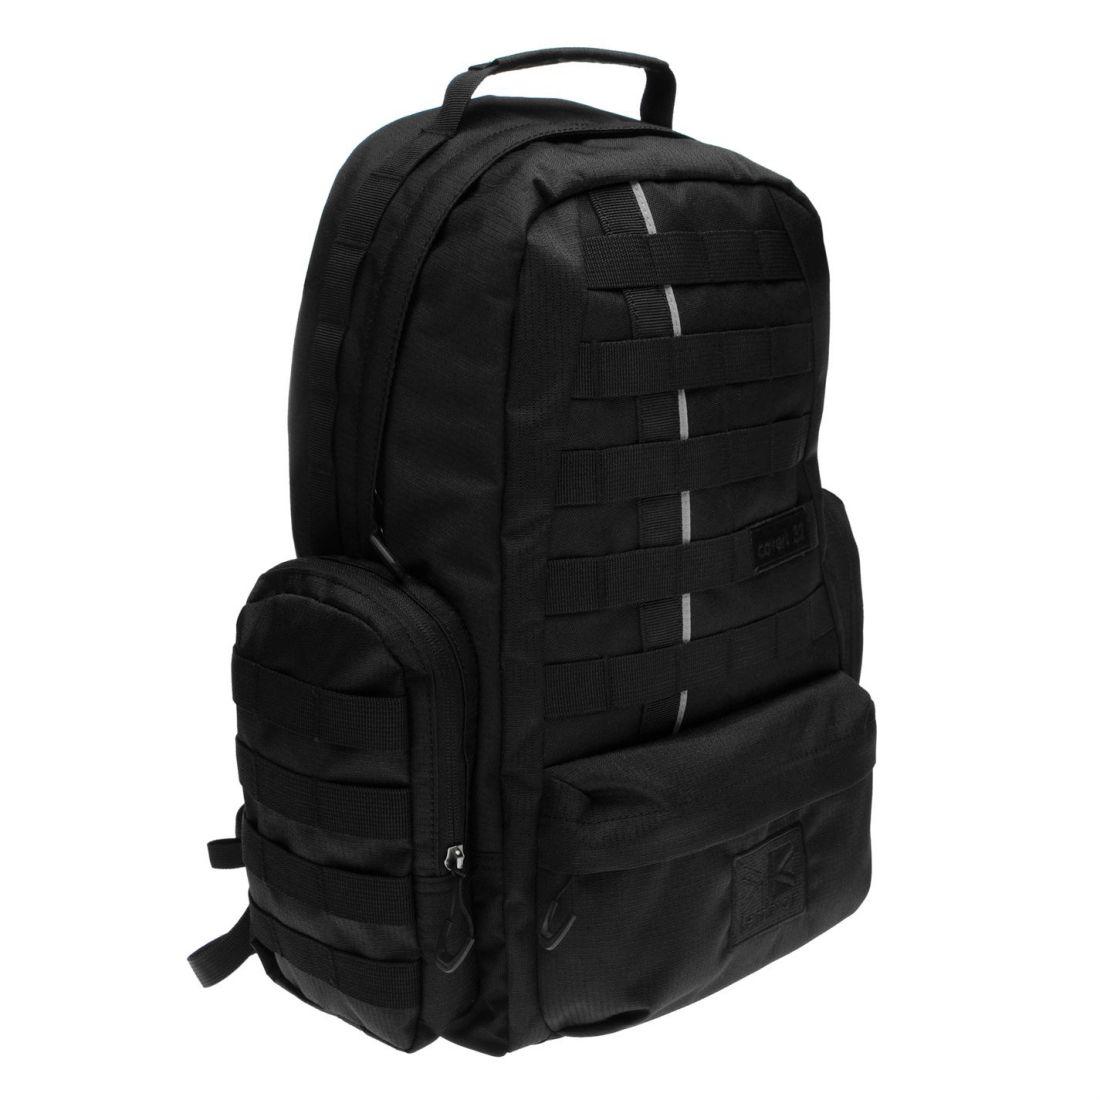 Karrimor Covert Rucksack Back Pack Luggage